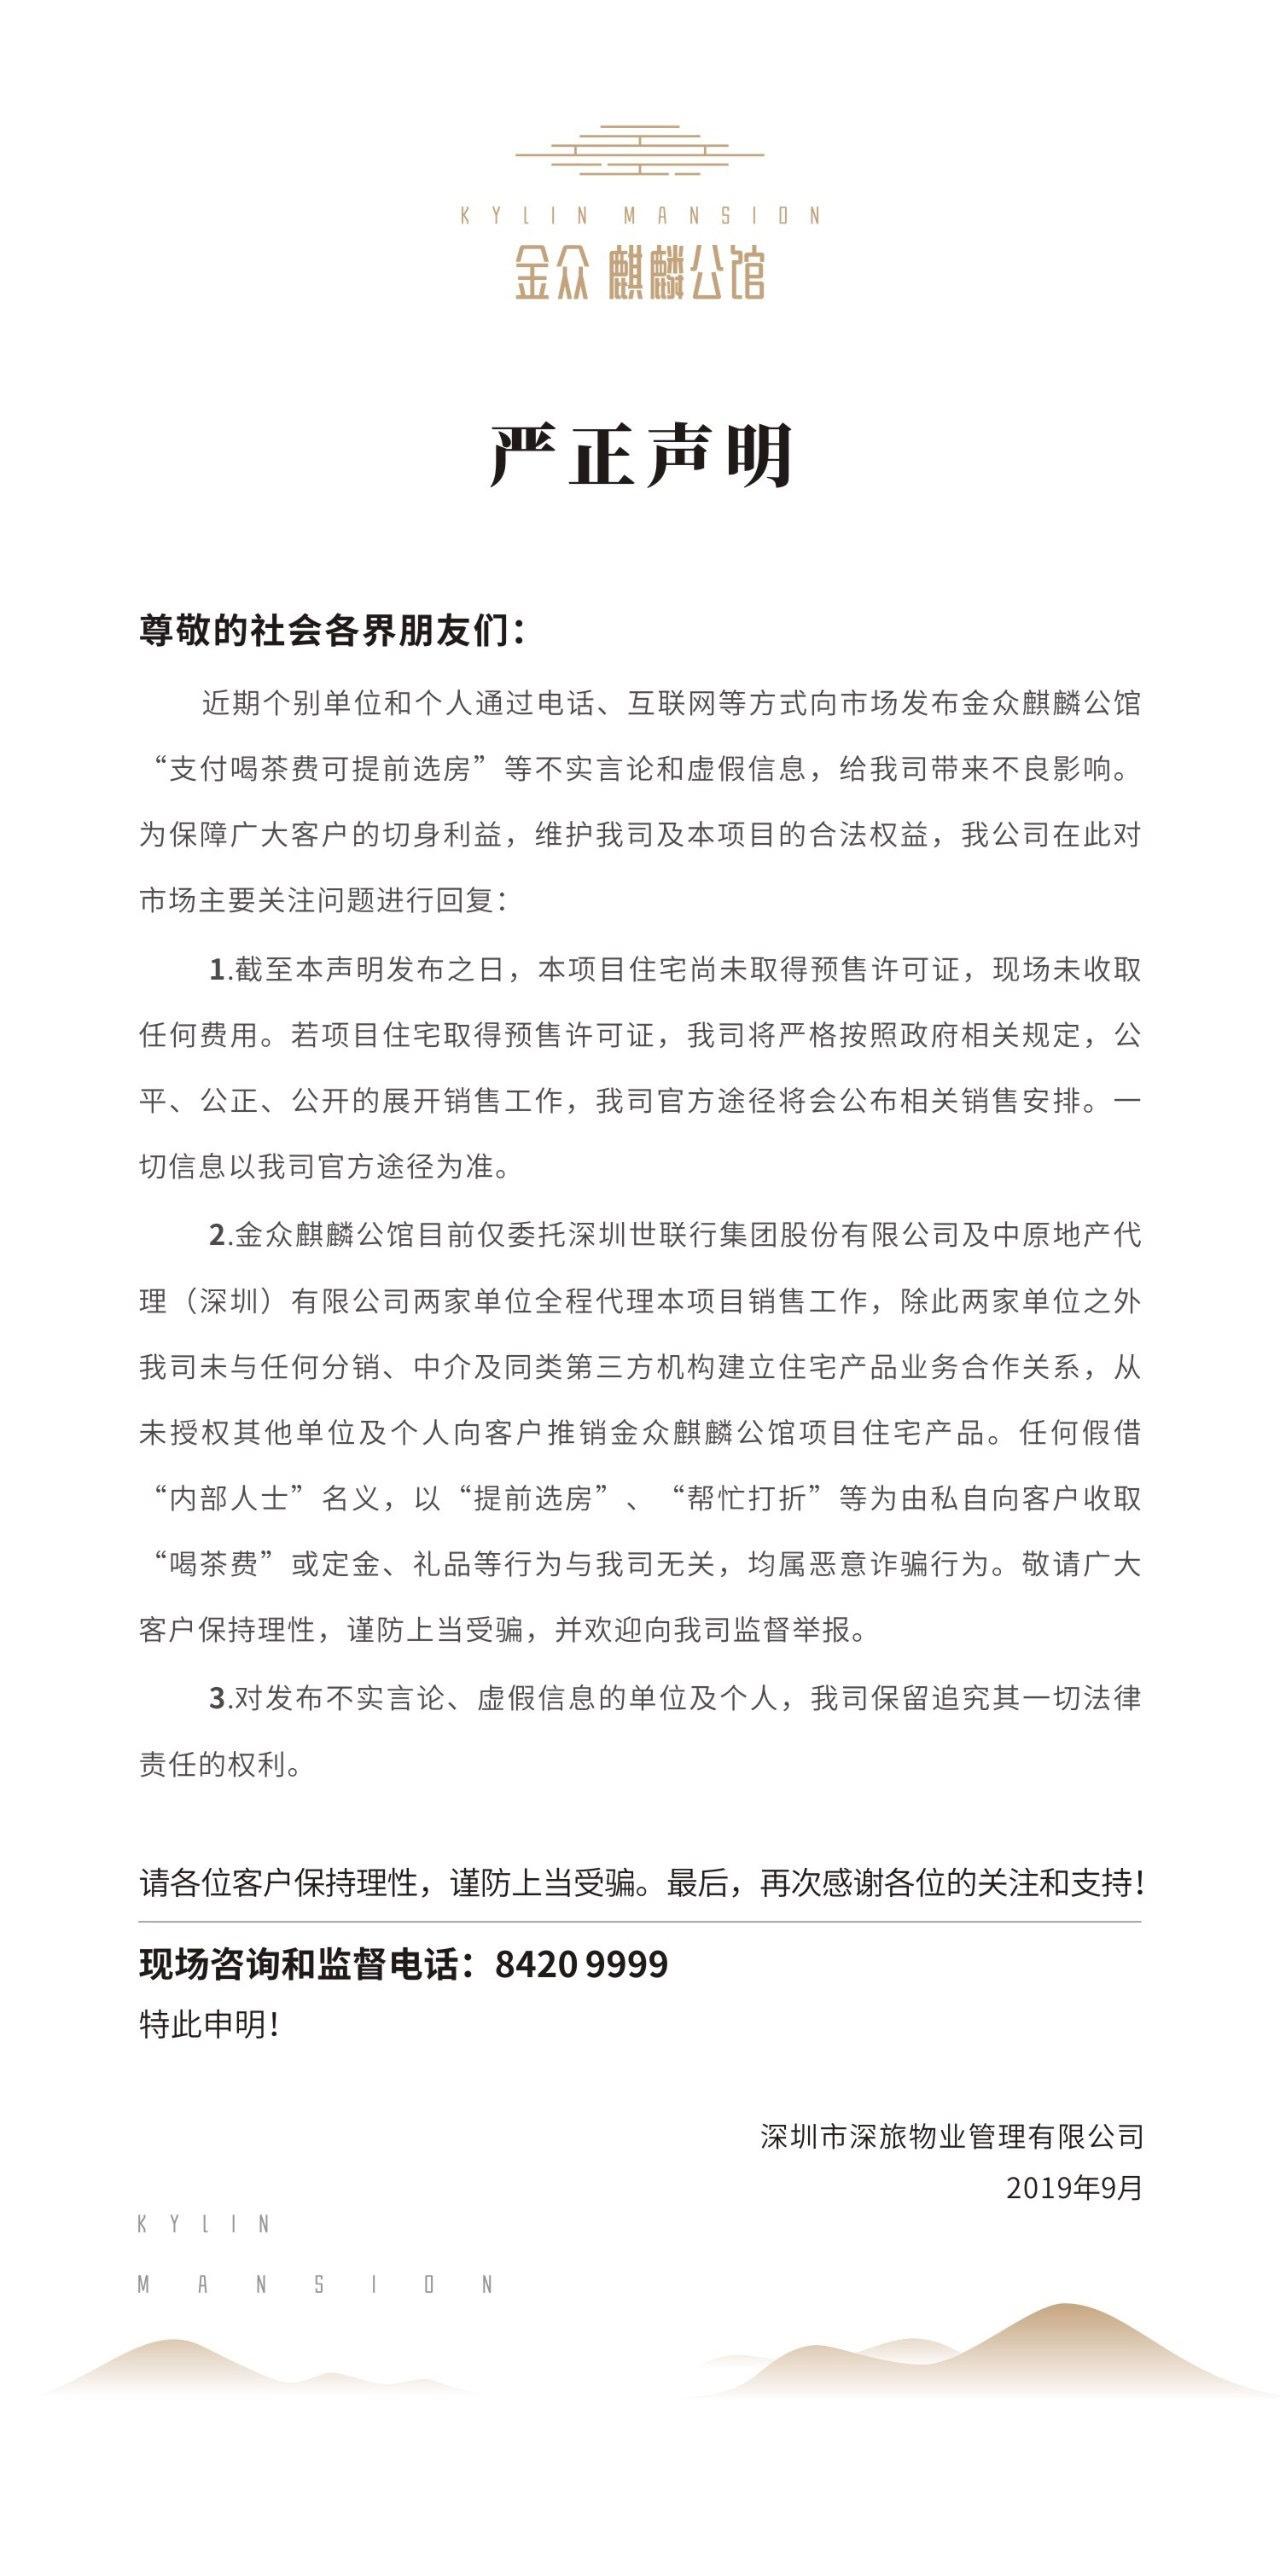 """金众麒麟公馆发布严正声明谴责""""喝茶费、提前选房""""等不实言论"""